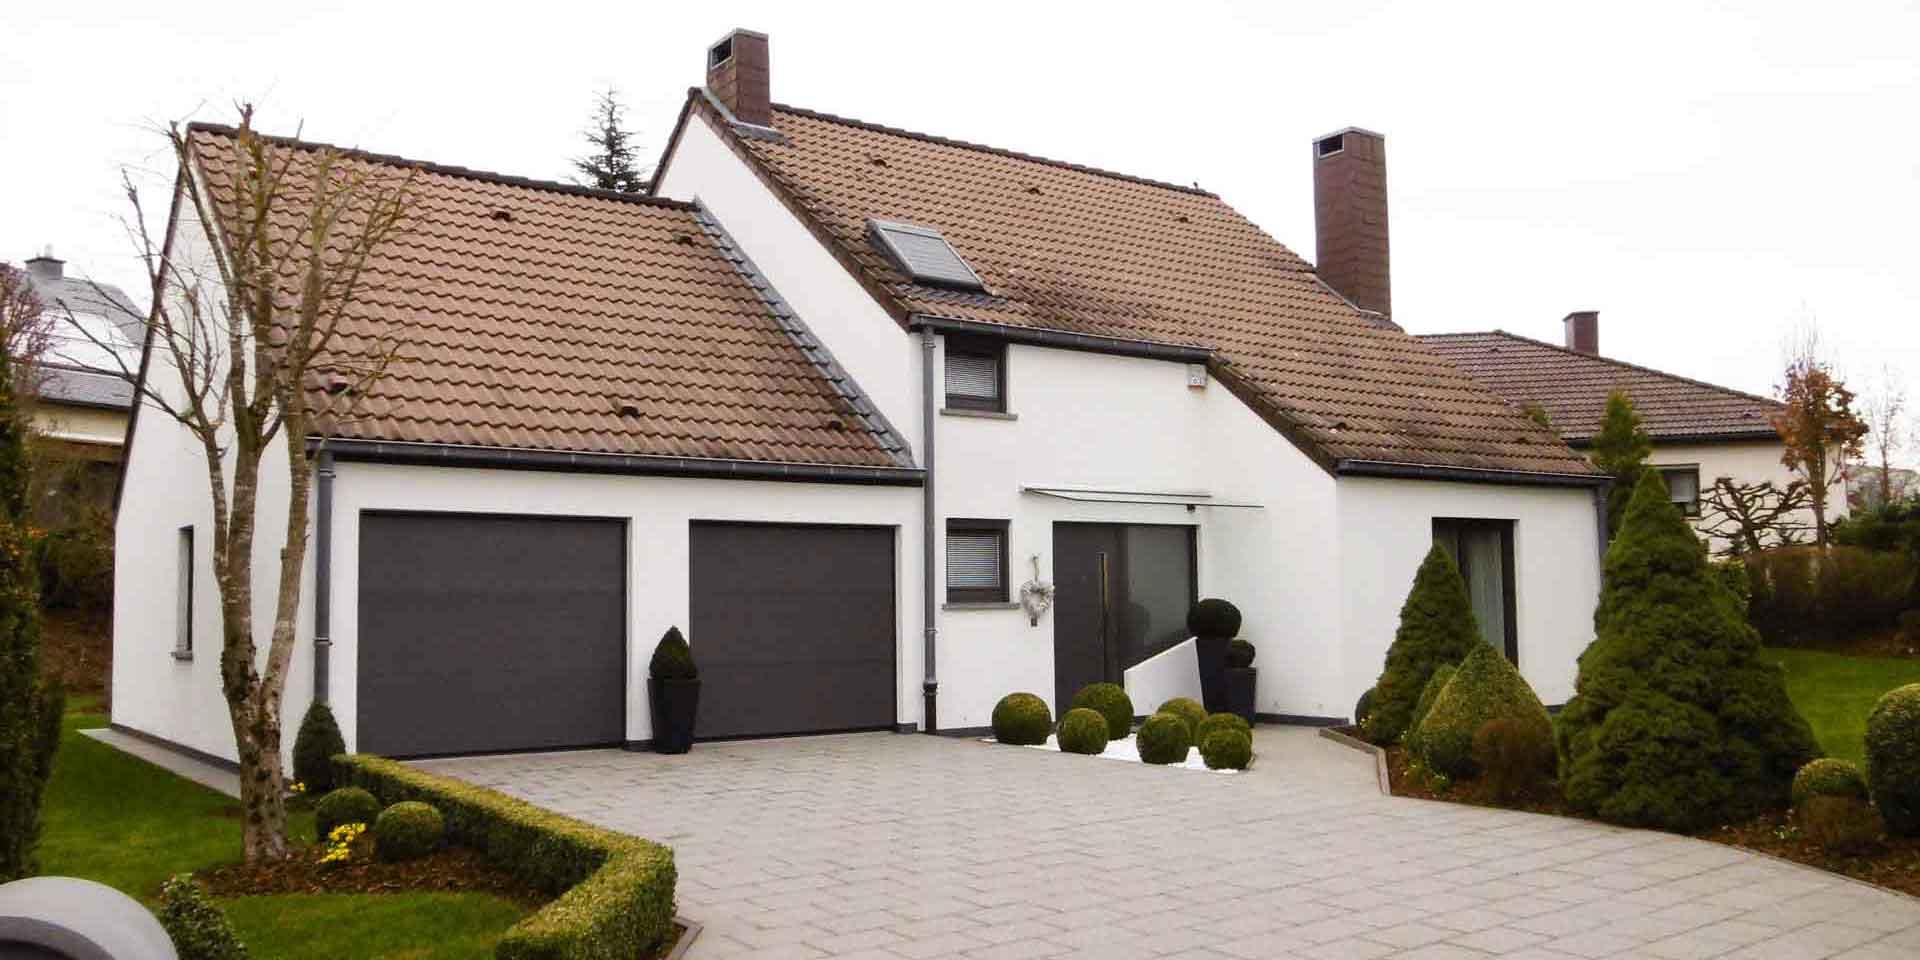 Weißes Einfamilienhaus mit einer grauen Coplaning Alu Haustür, grauen Coplaning Jalousienfenster und einem grauen Coplaning Garagentor.